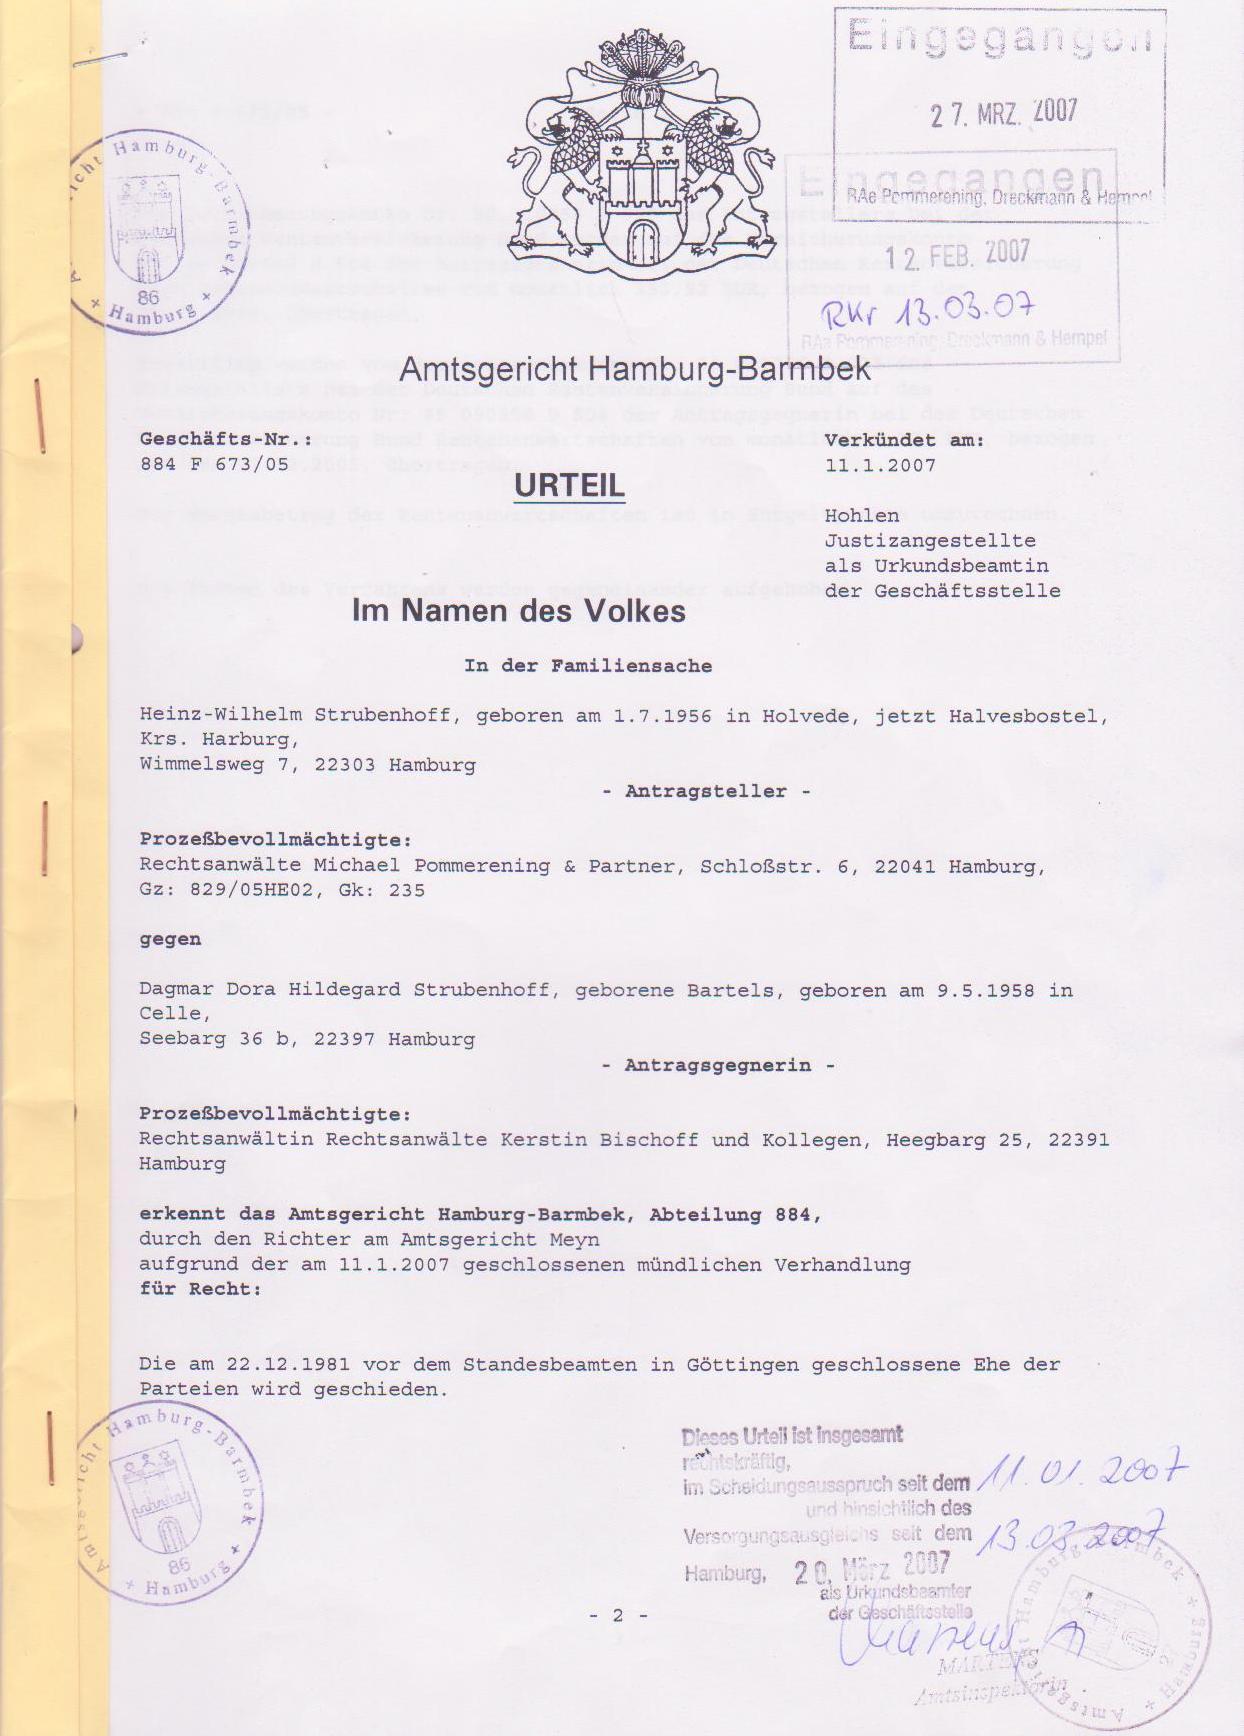 образец перевода свидетельства о расторжении брака на немецкий